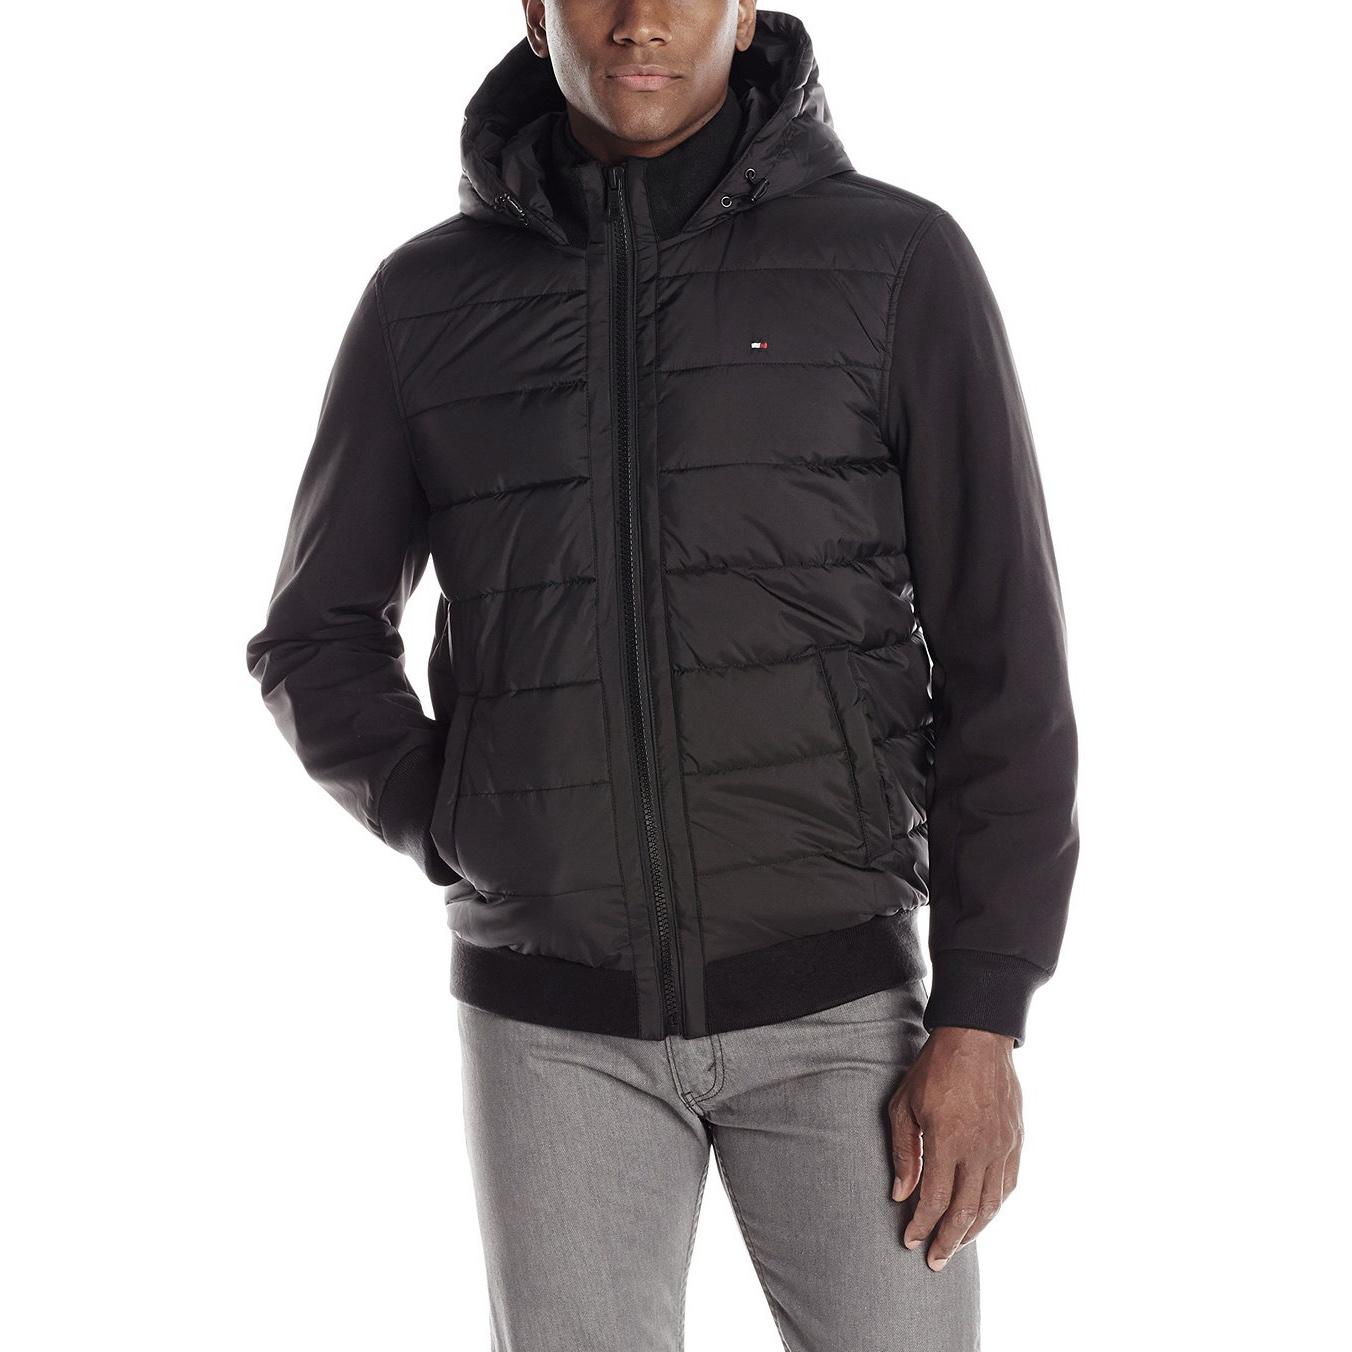 美國百分百【全新真品】Tommy Hilfiger 外套 連帽 夾克 中空纖維 TH 透氣 保暖 黑色 M號 F781 | 美國百分百 - Rakuten樂天市場